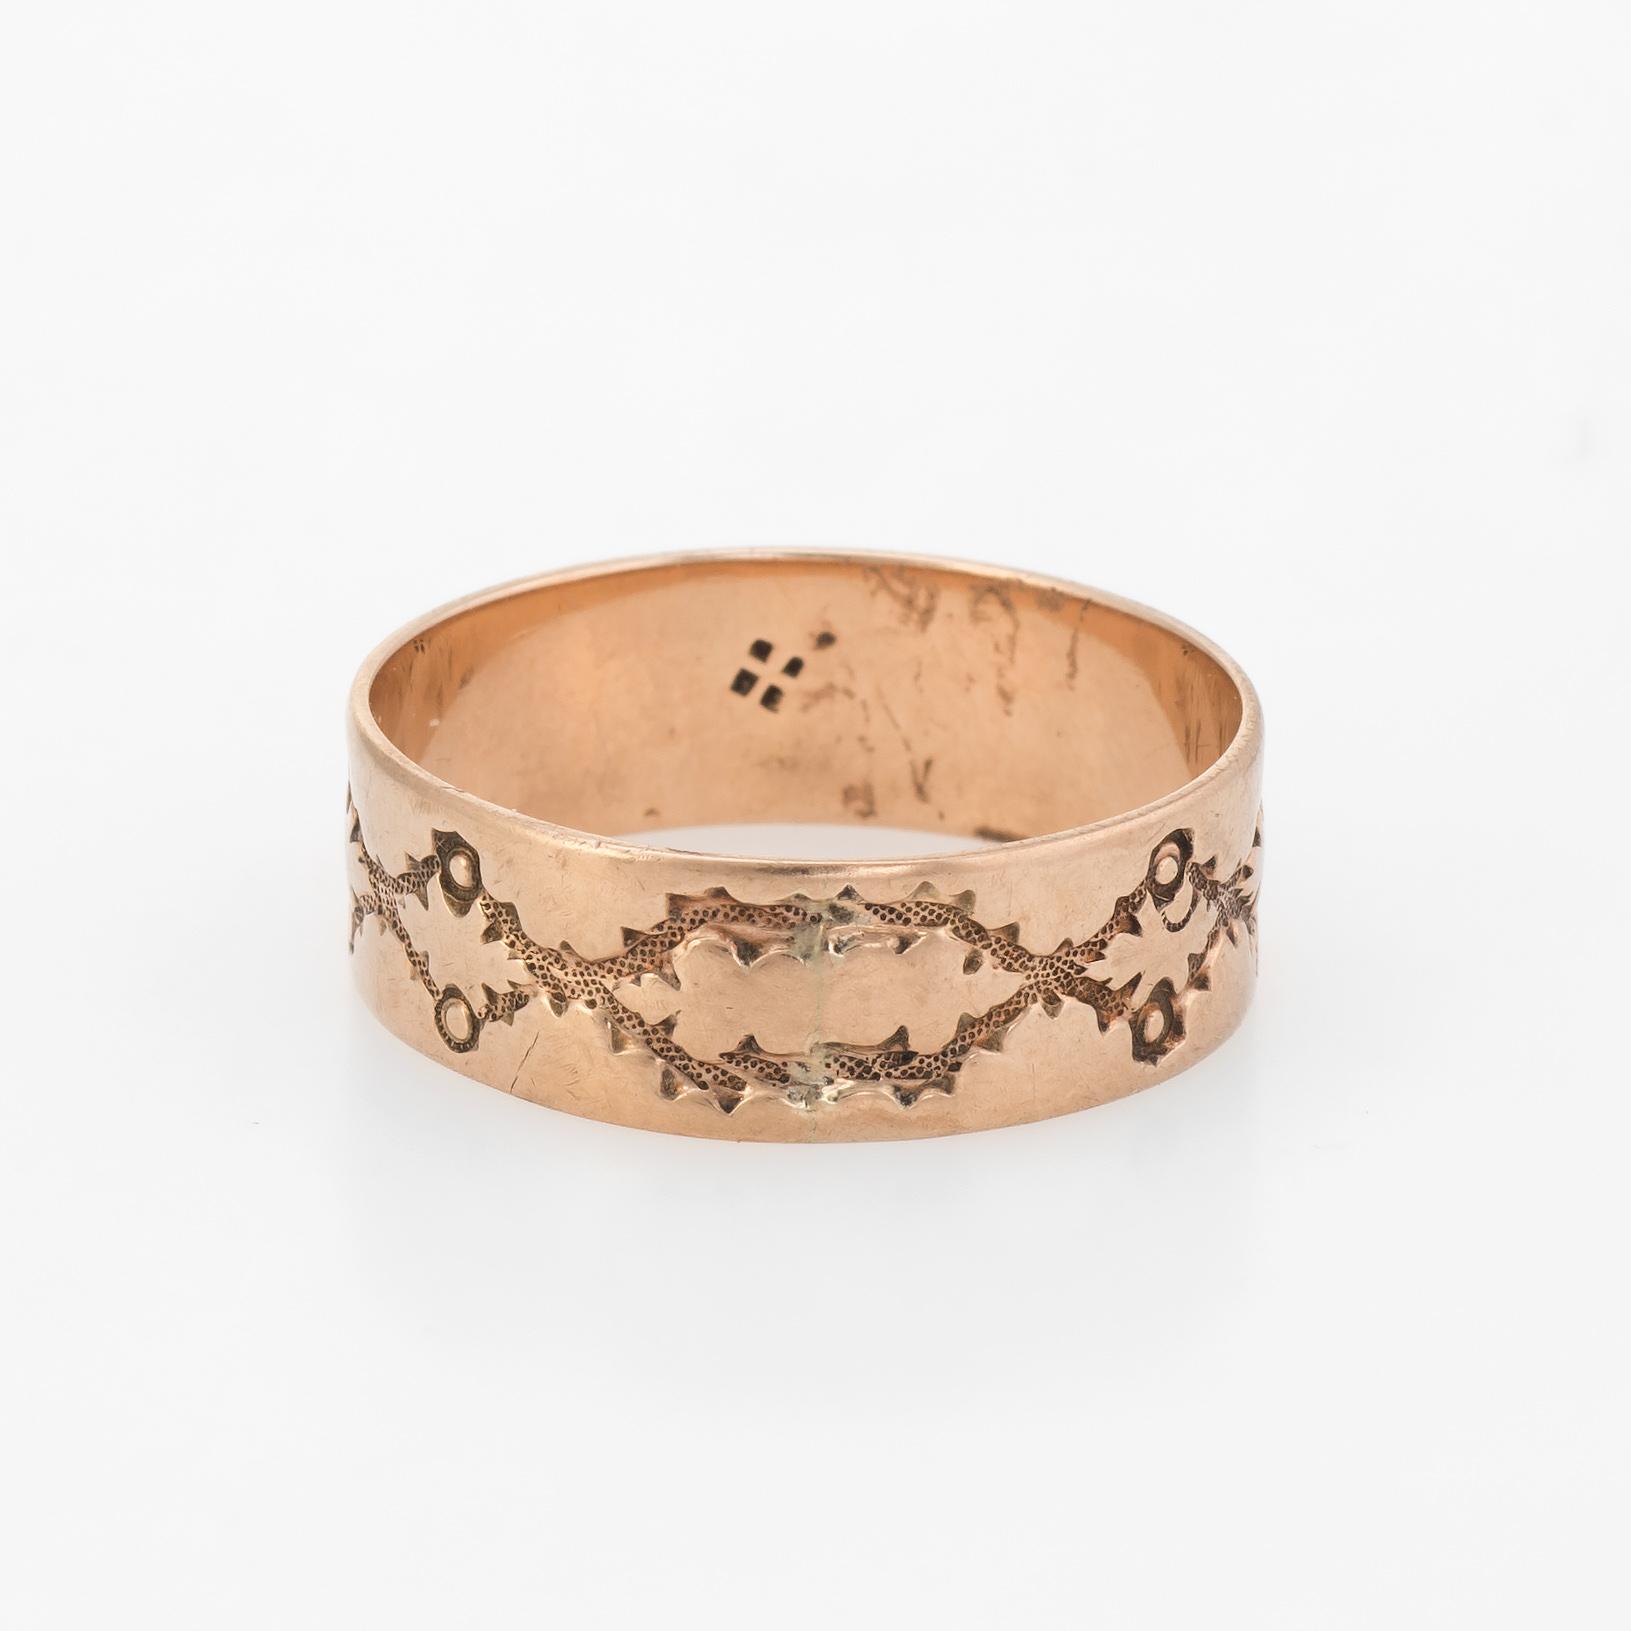 Details About Antique Wedding Ring Victorian 10k Rose Gold Embossed Leaf Pattern Vintage 925: Gold And Silver Embossed Wedding Bands At Reisefeber.org